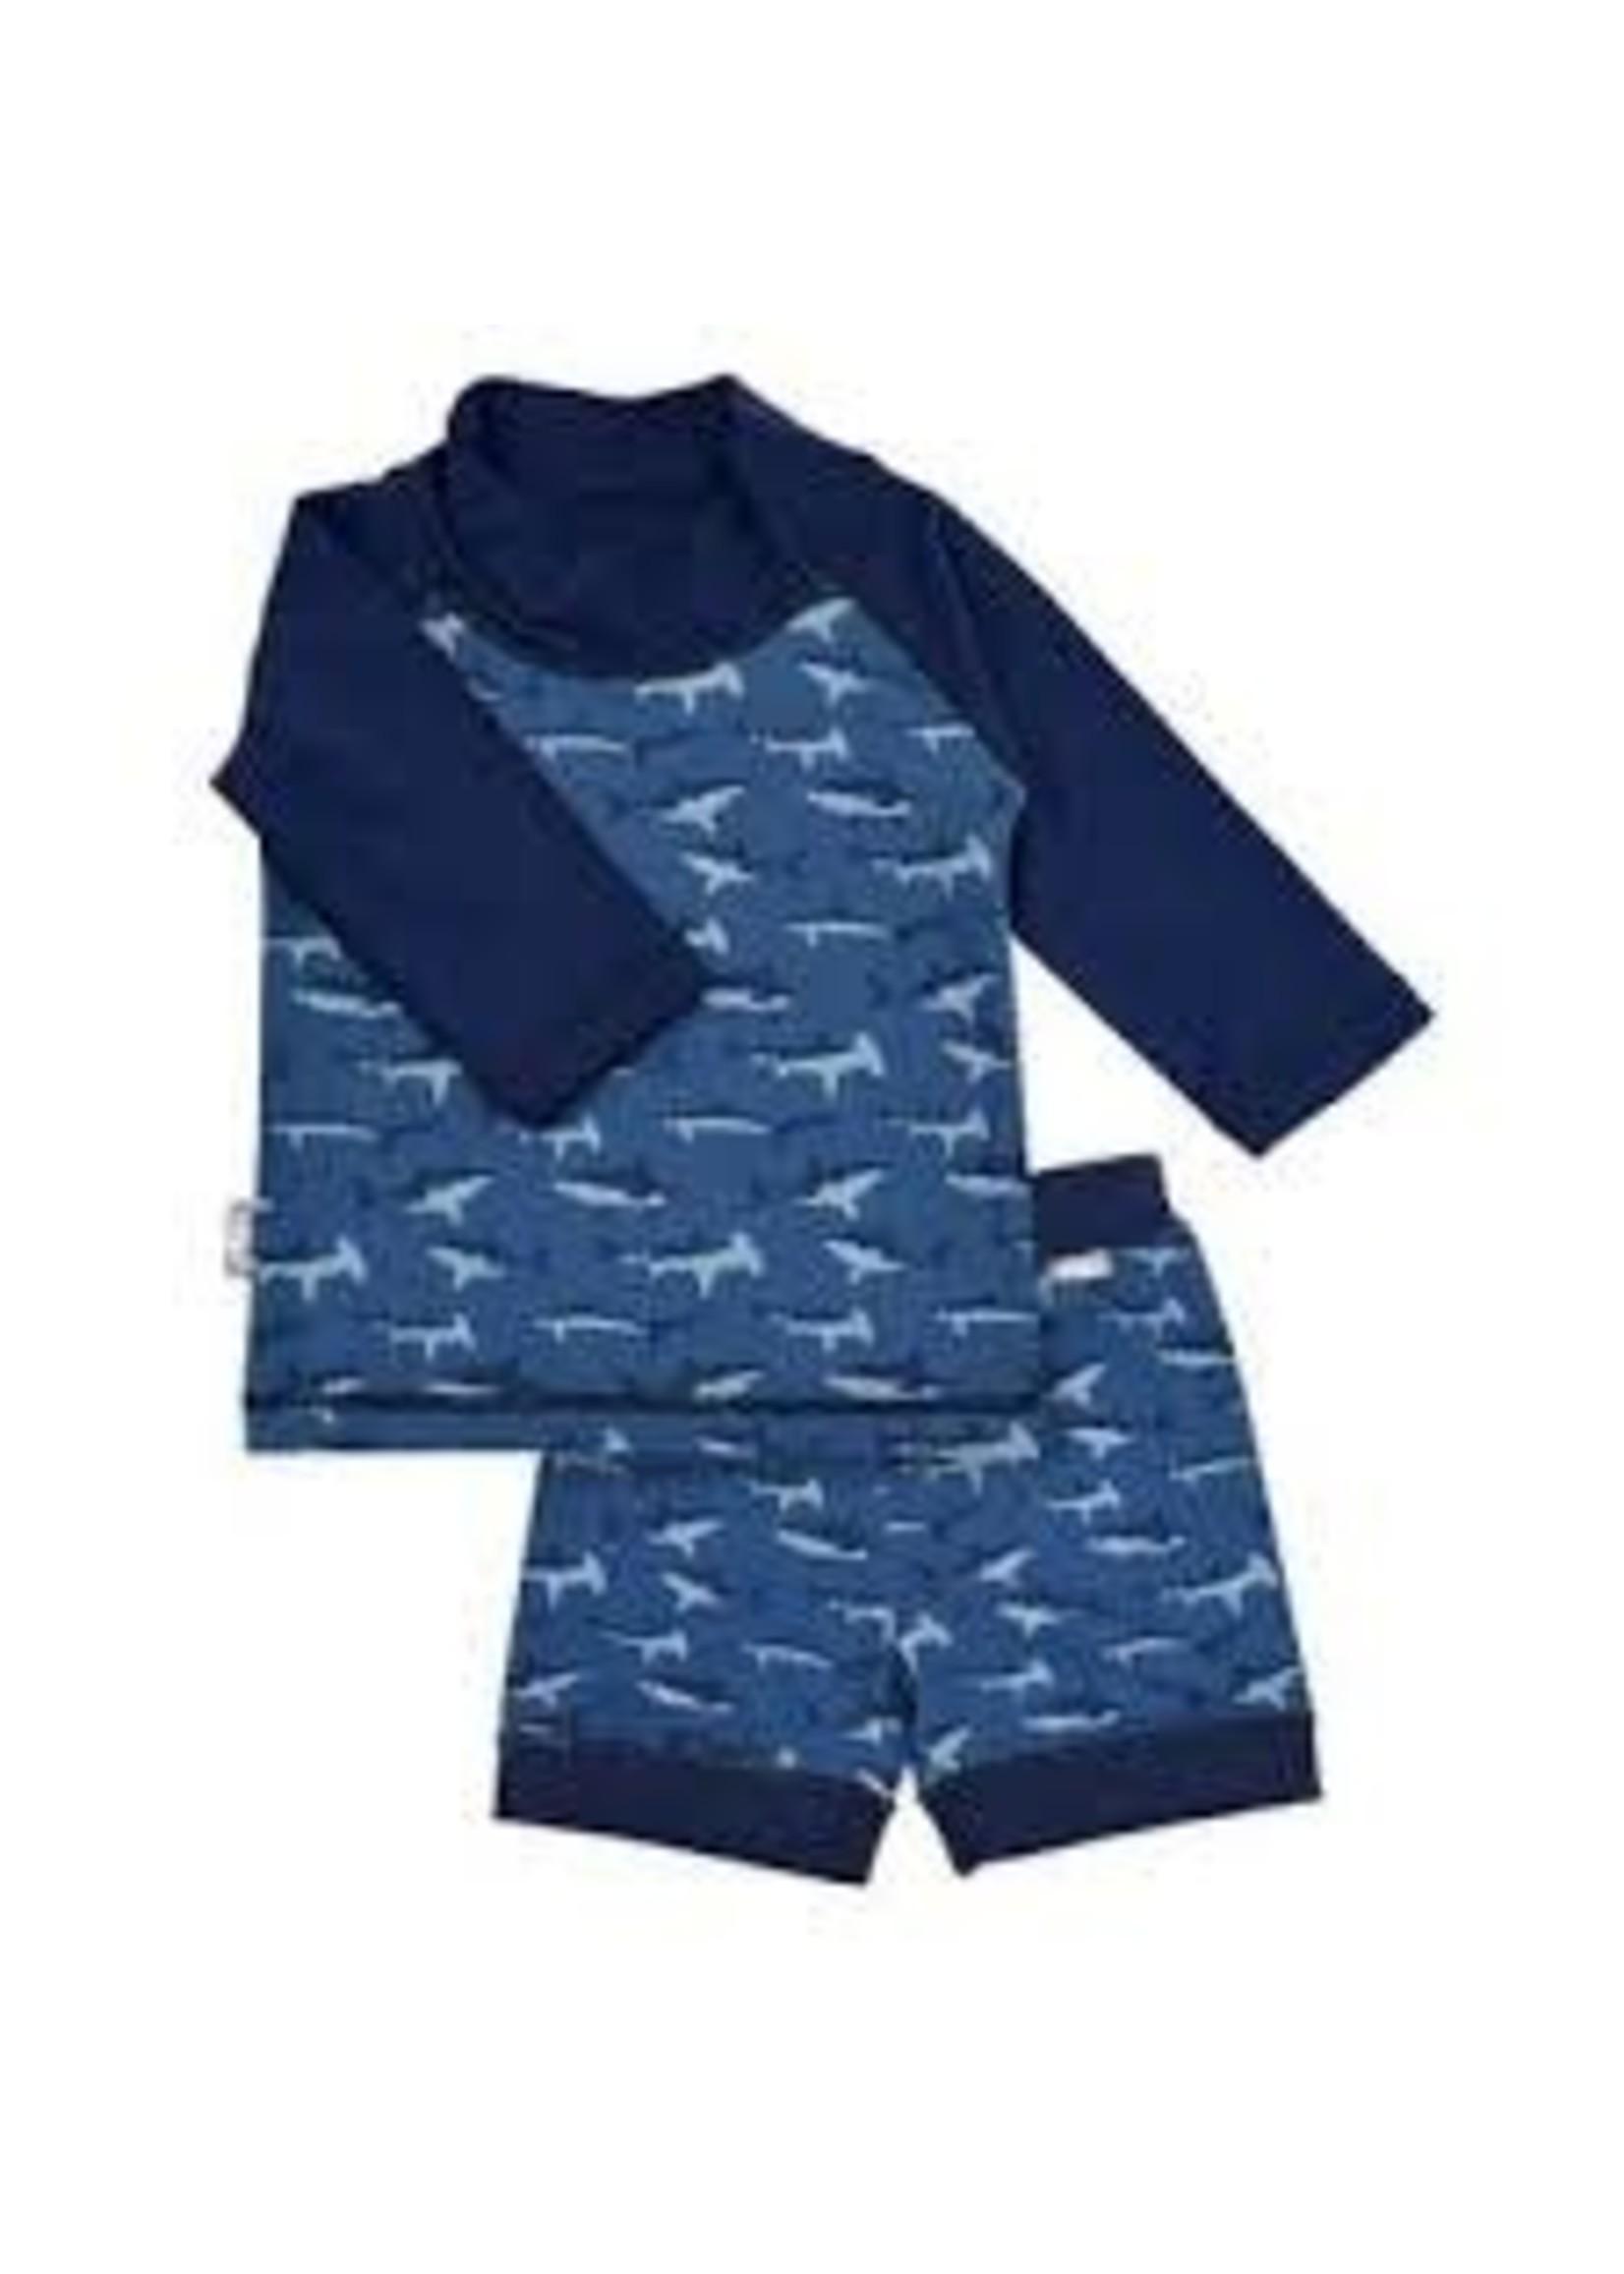 jan & jul Swim Shirt & Short Set (Shark)